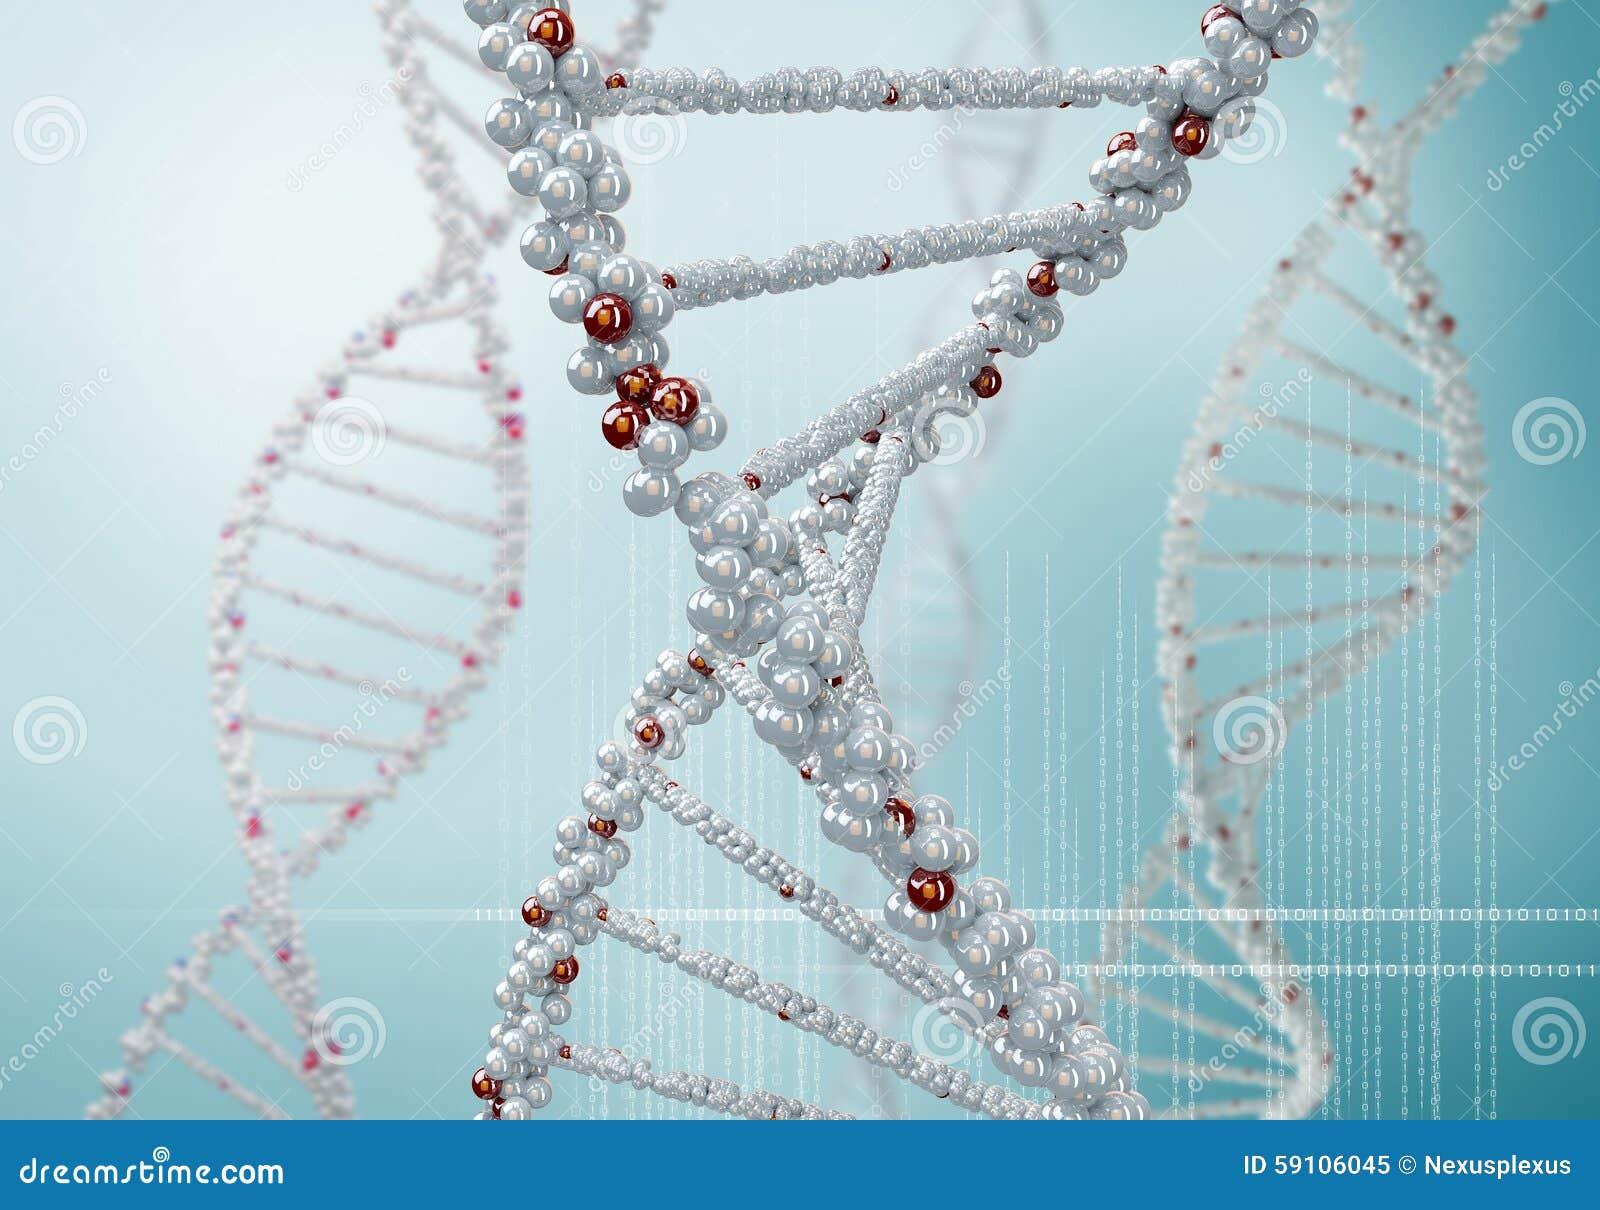 脱氧核糖核酸分子